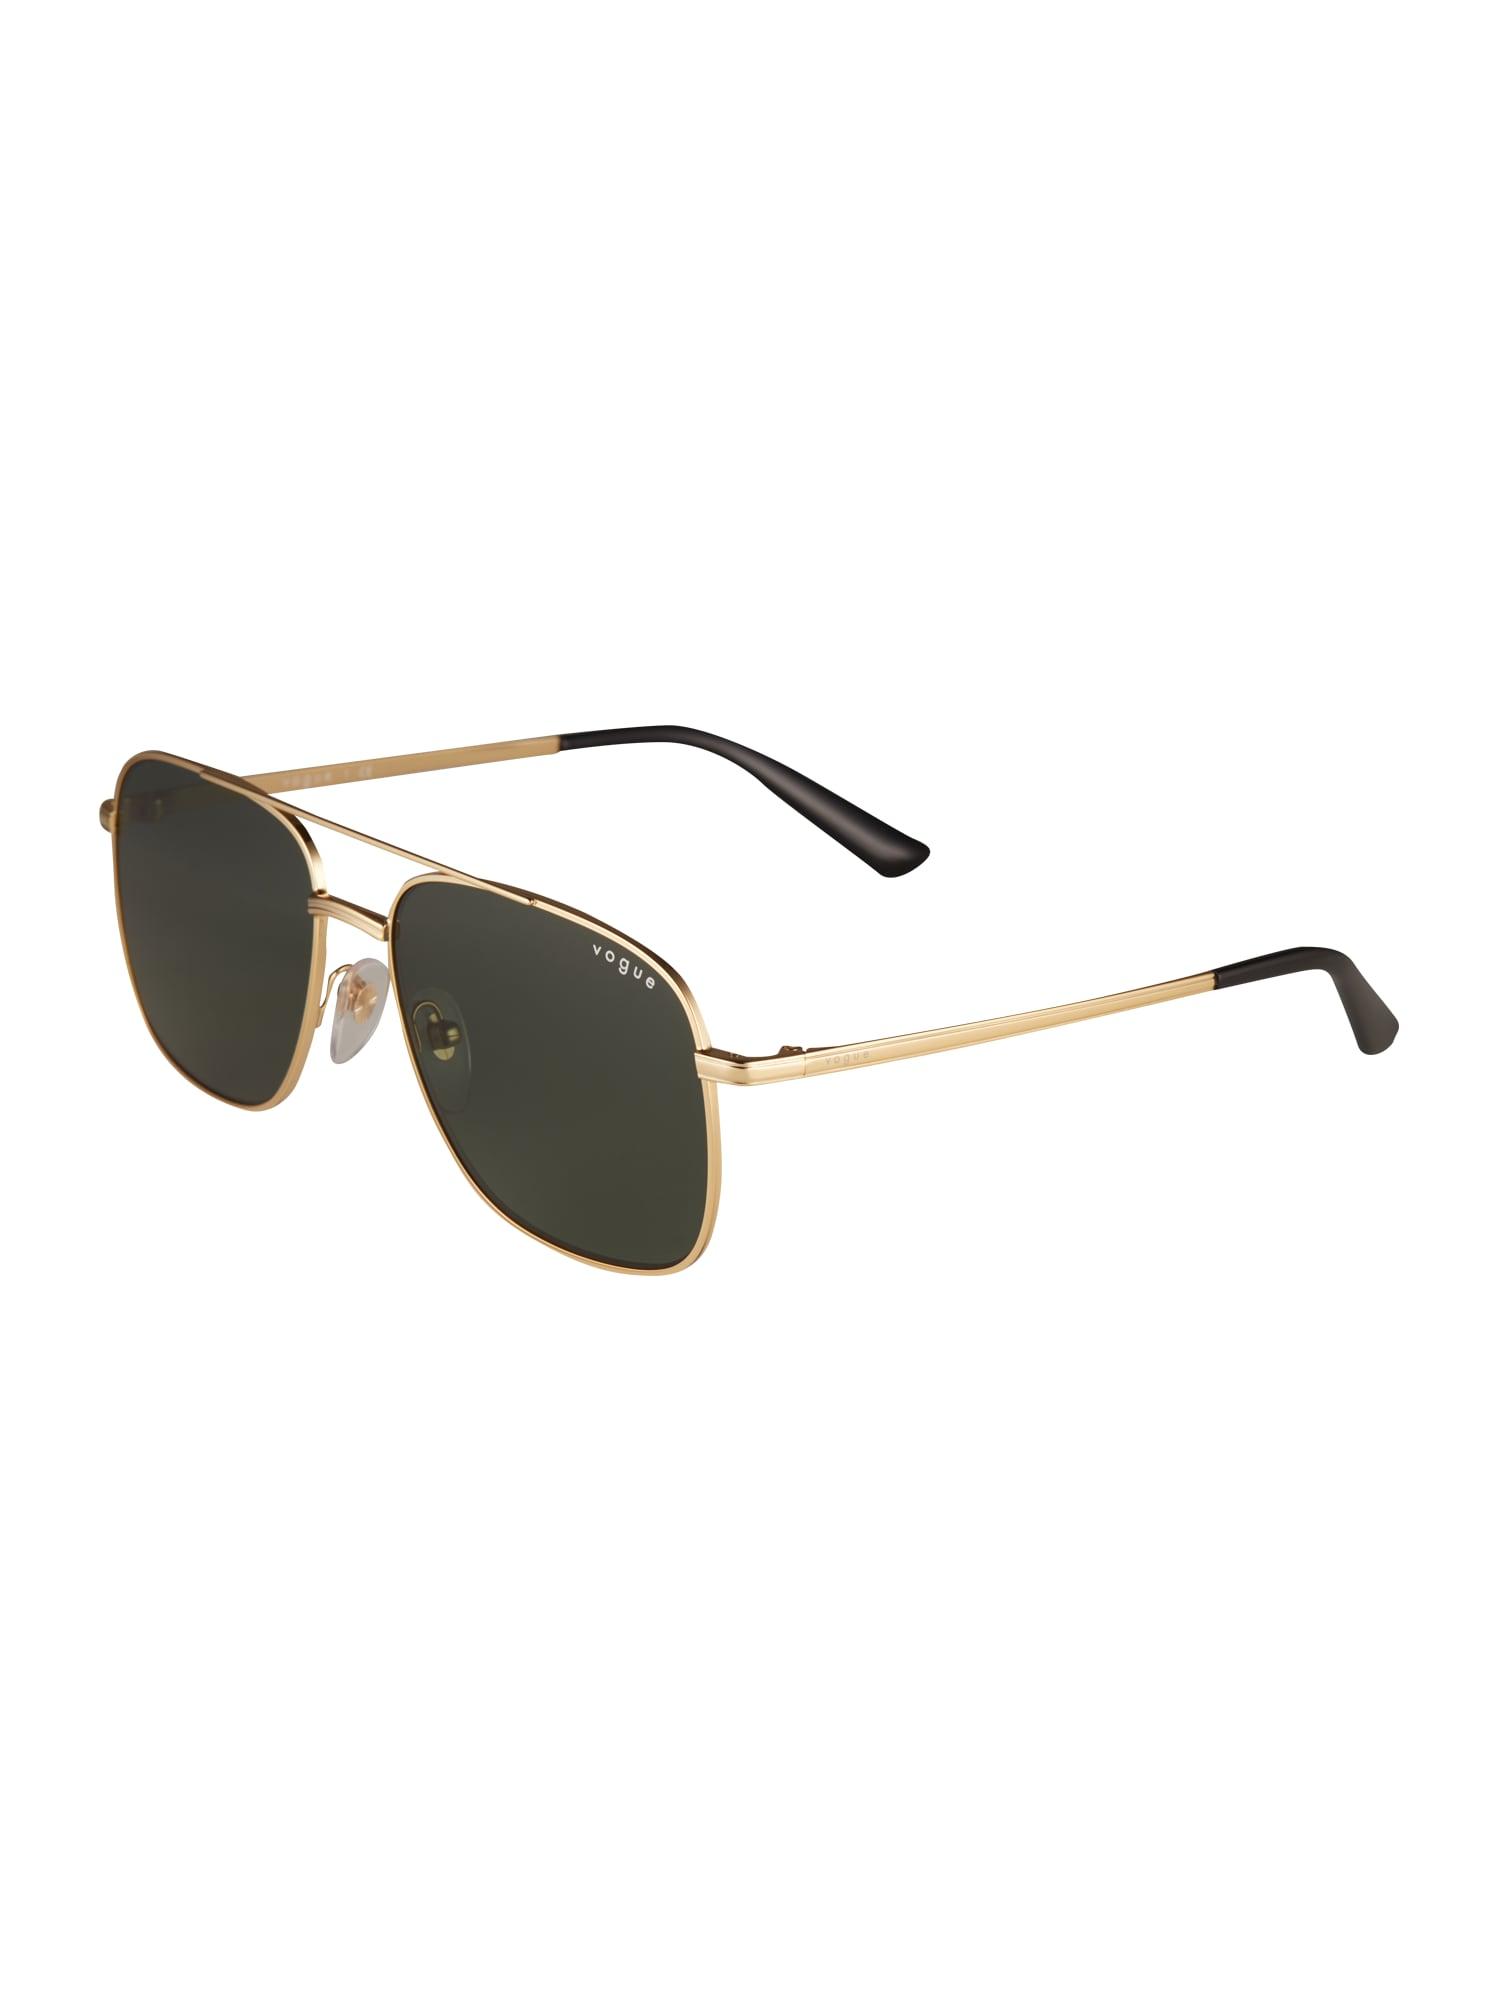 VOGUE Eyewear Akiniai nuo saulės '0VO4083SM' auksas / juoda